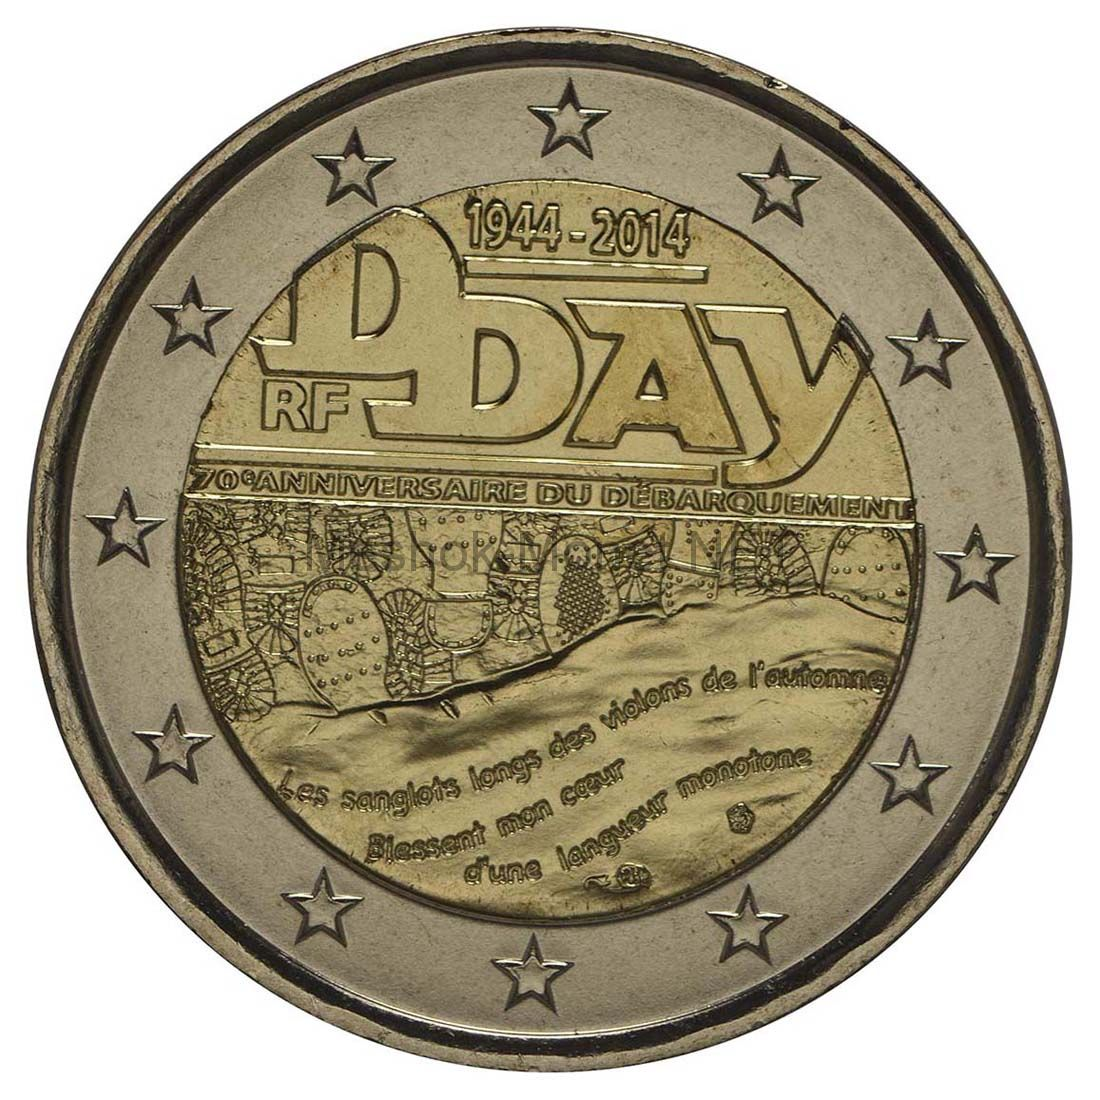 Франция 2 евро 2014, D-DAY - 6 июня 1944 года день начала операции союзных войск по высадке войск в Нормандии